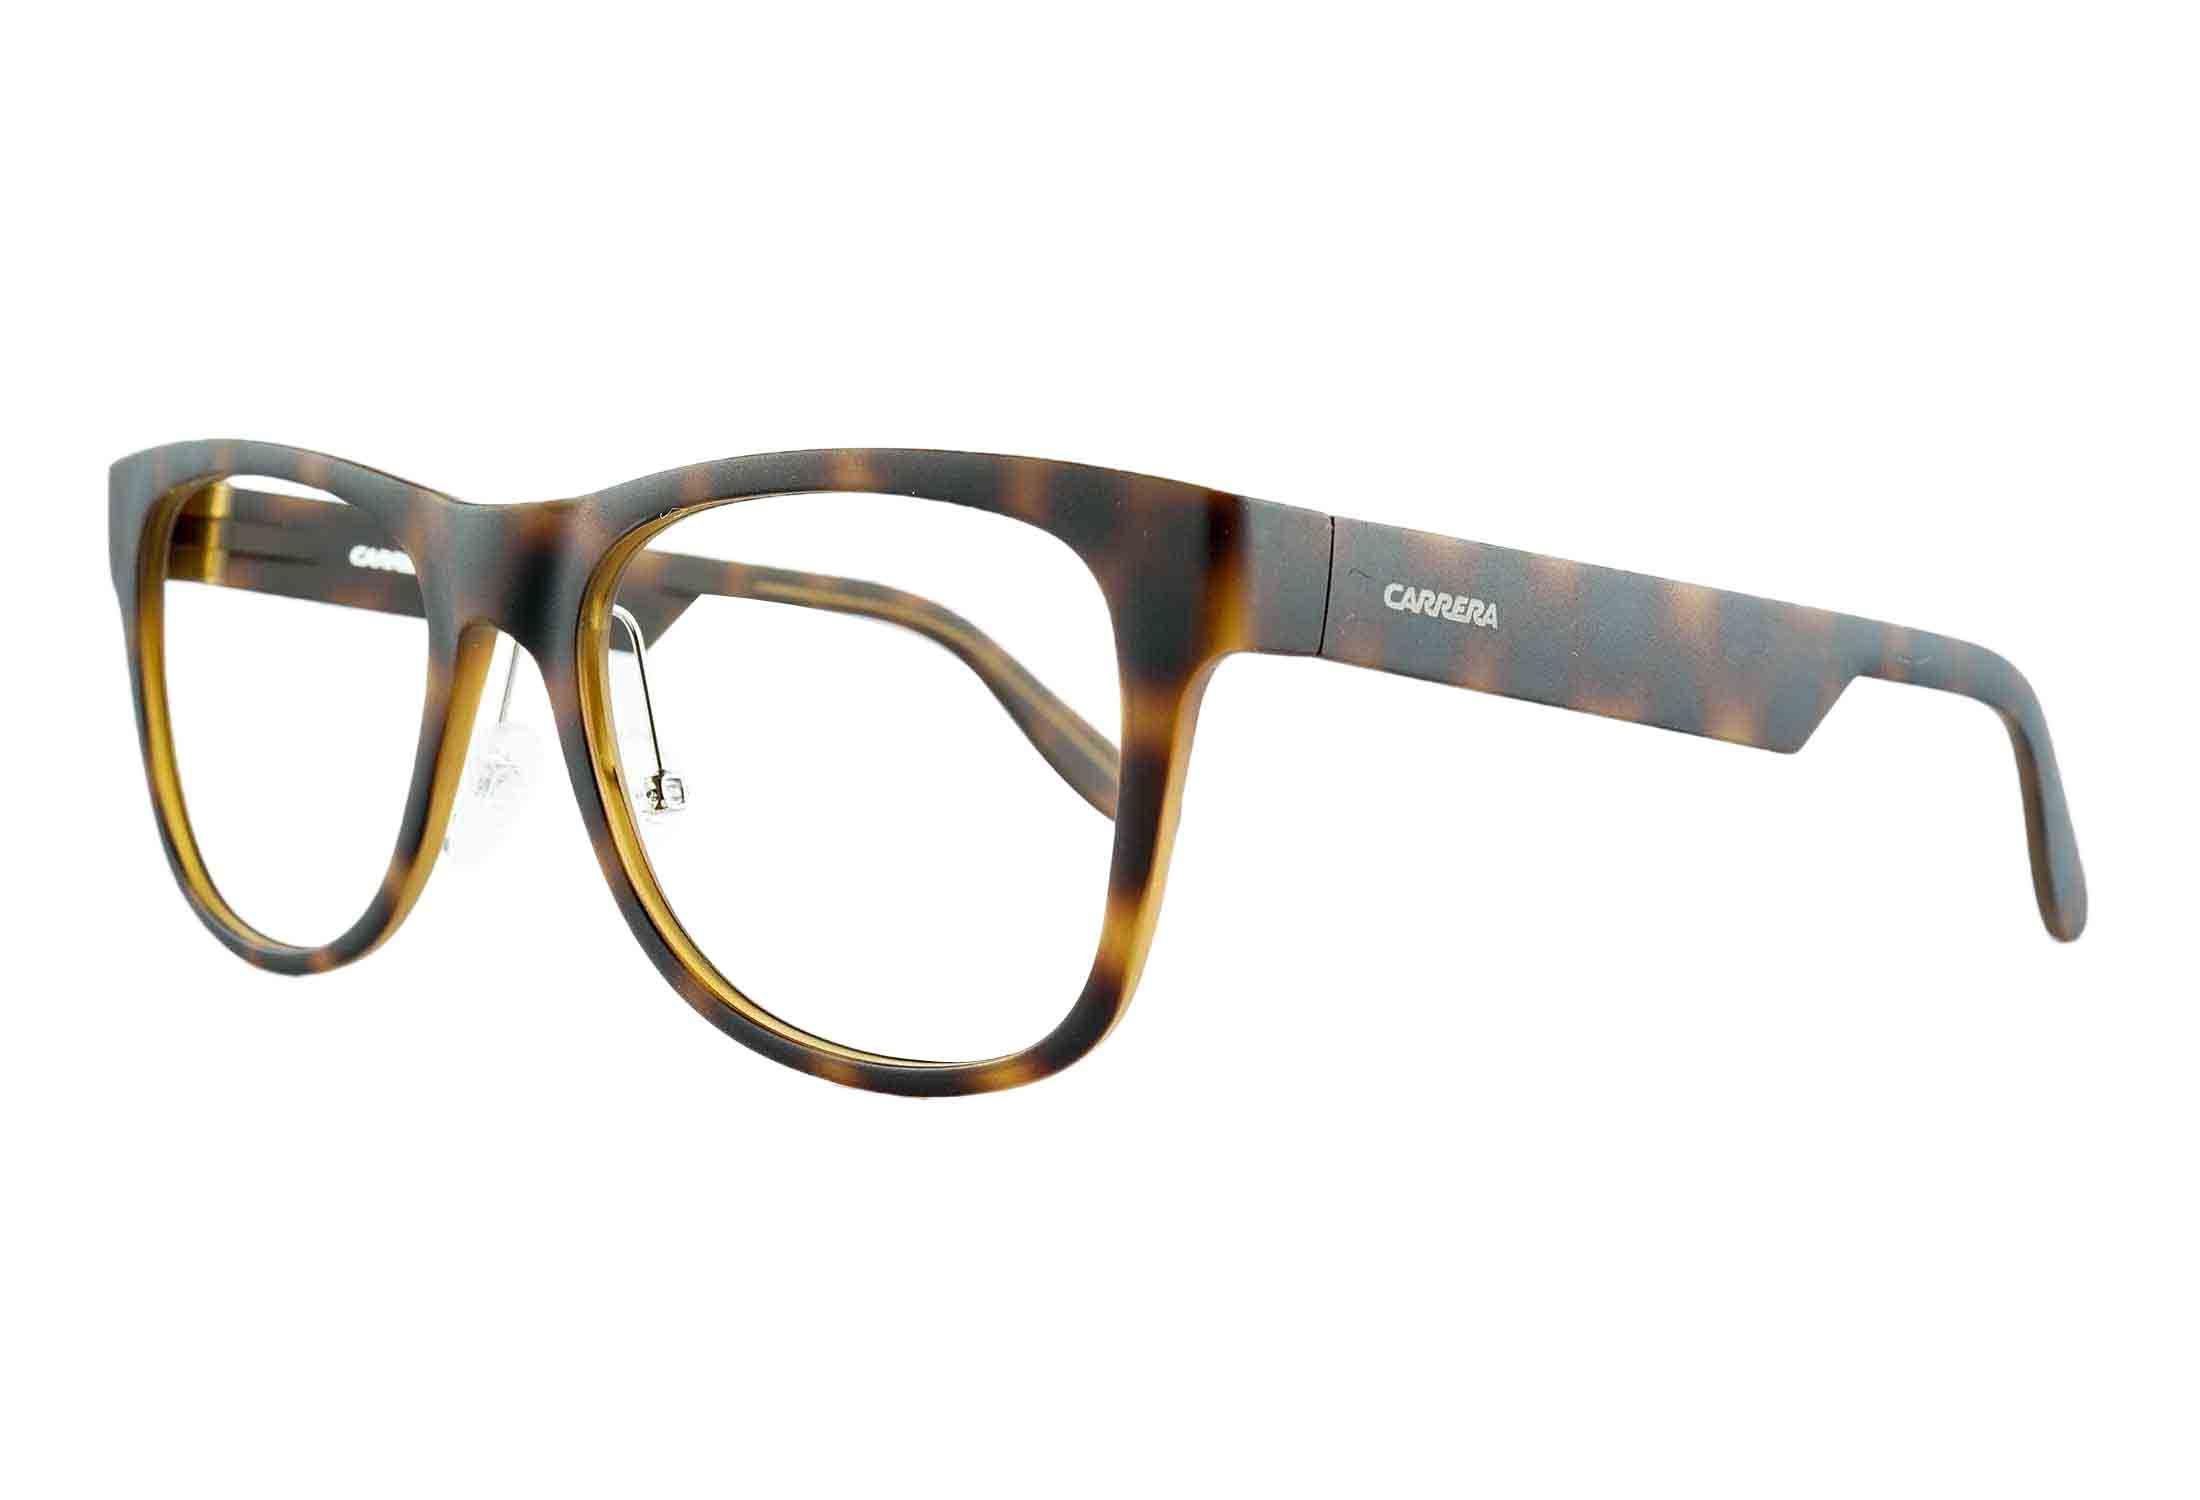 5ceec741812f Carrera CA5533 eyeglasses